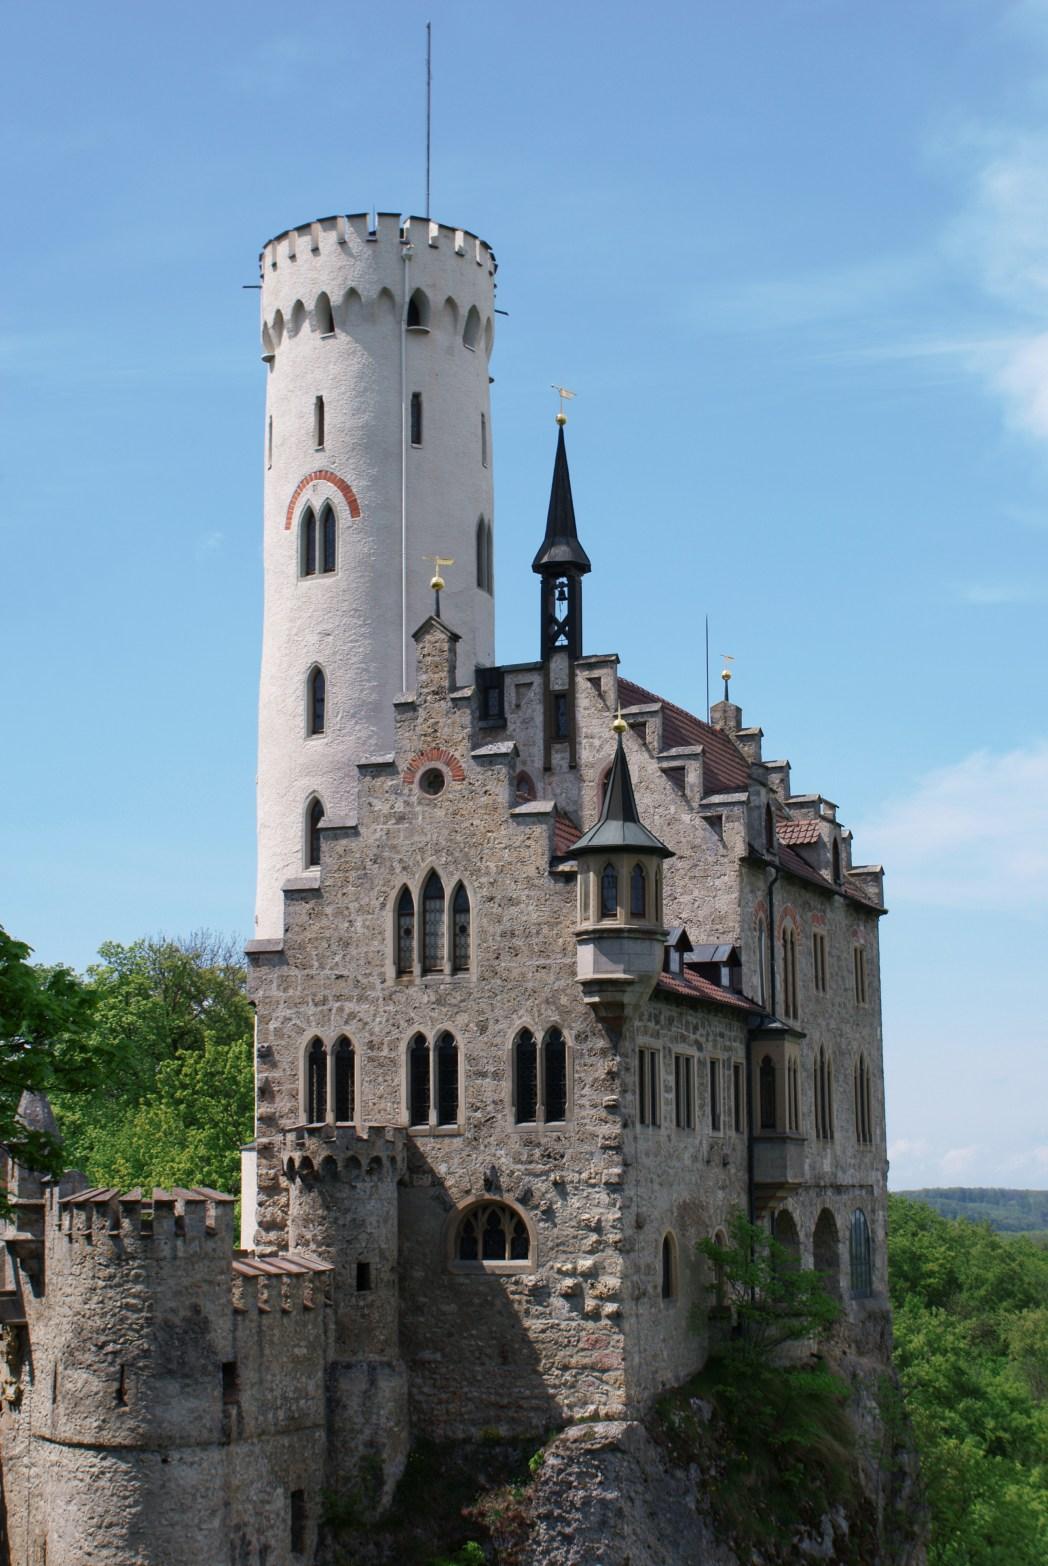 Schöne Schlösser in Deutschland: Schloss Lichtenstein, Baden-Württemberg